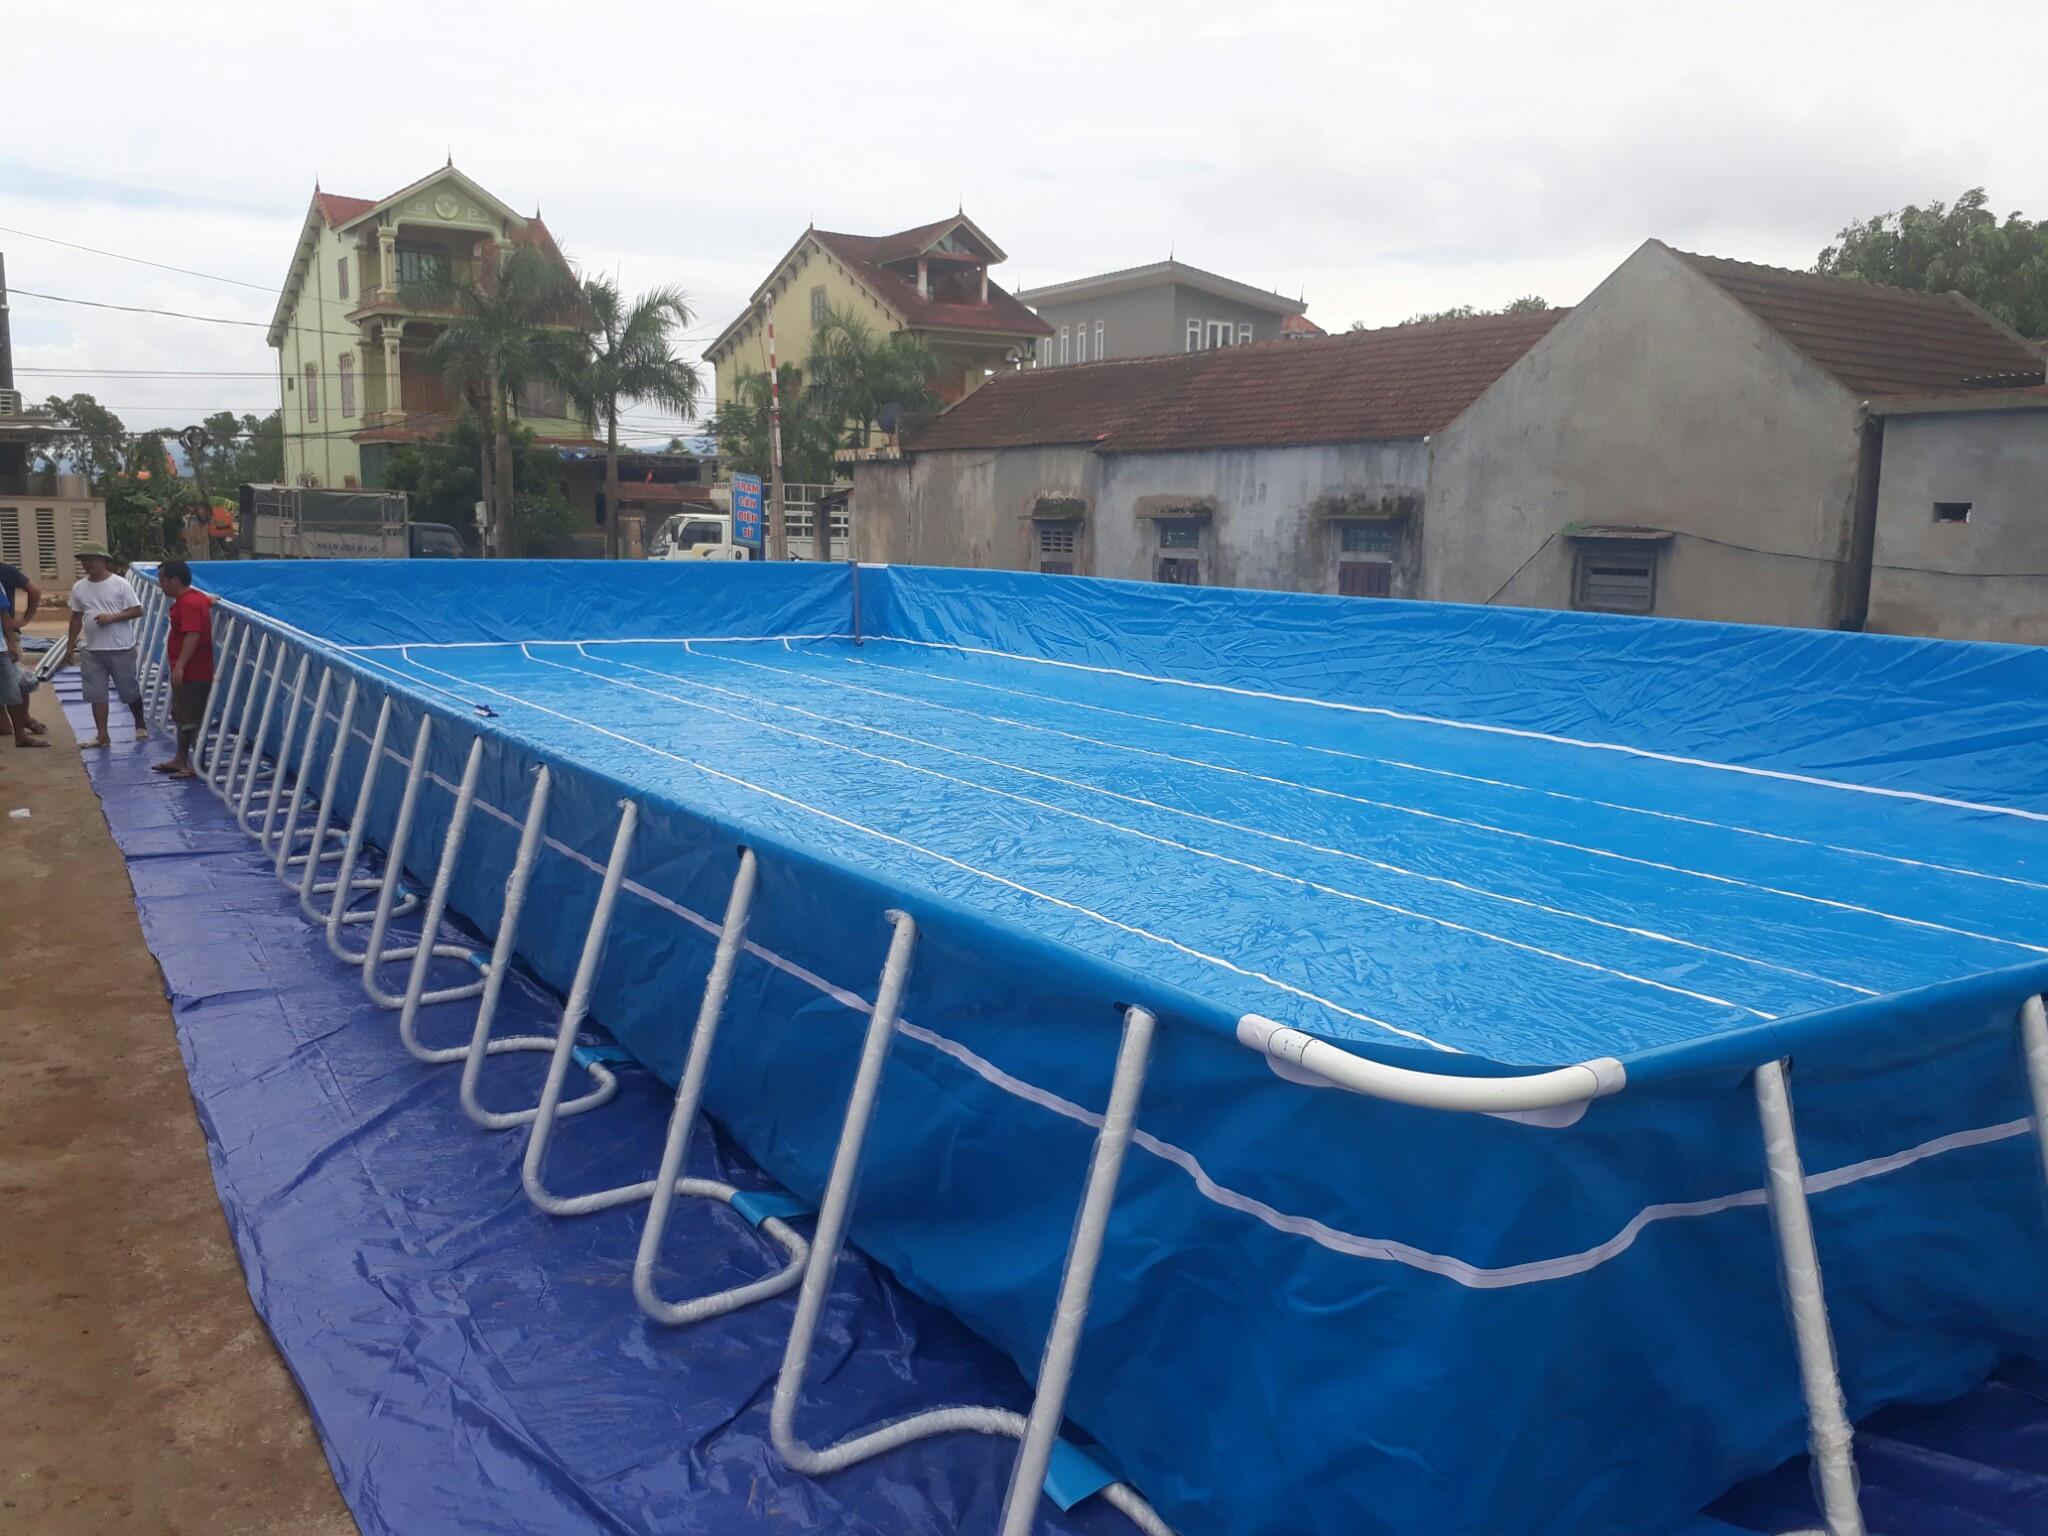 Hồ Bơi Lắp Ghép Thông Minh 11,1m x 21,6m